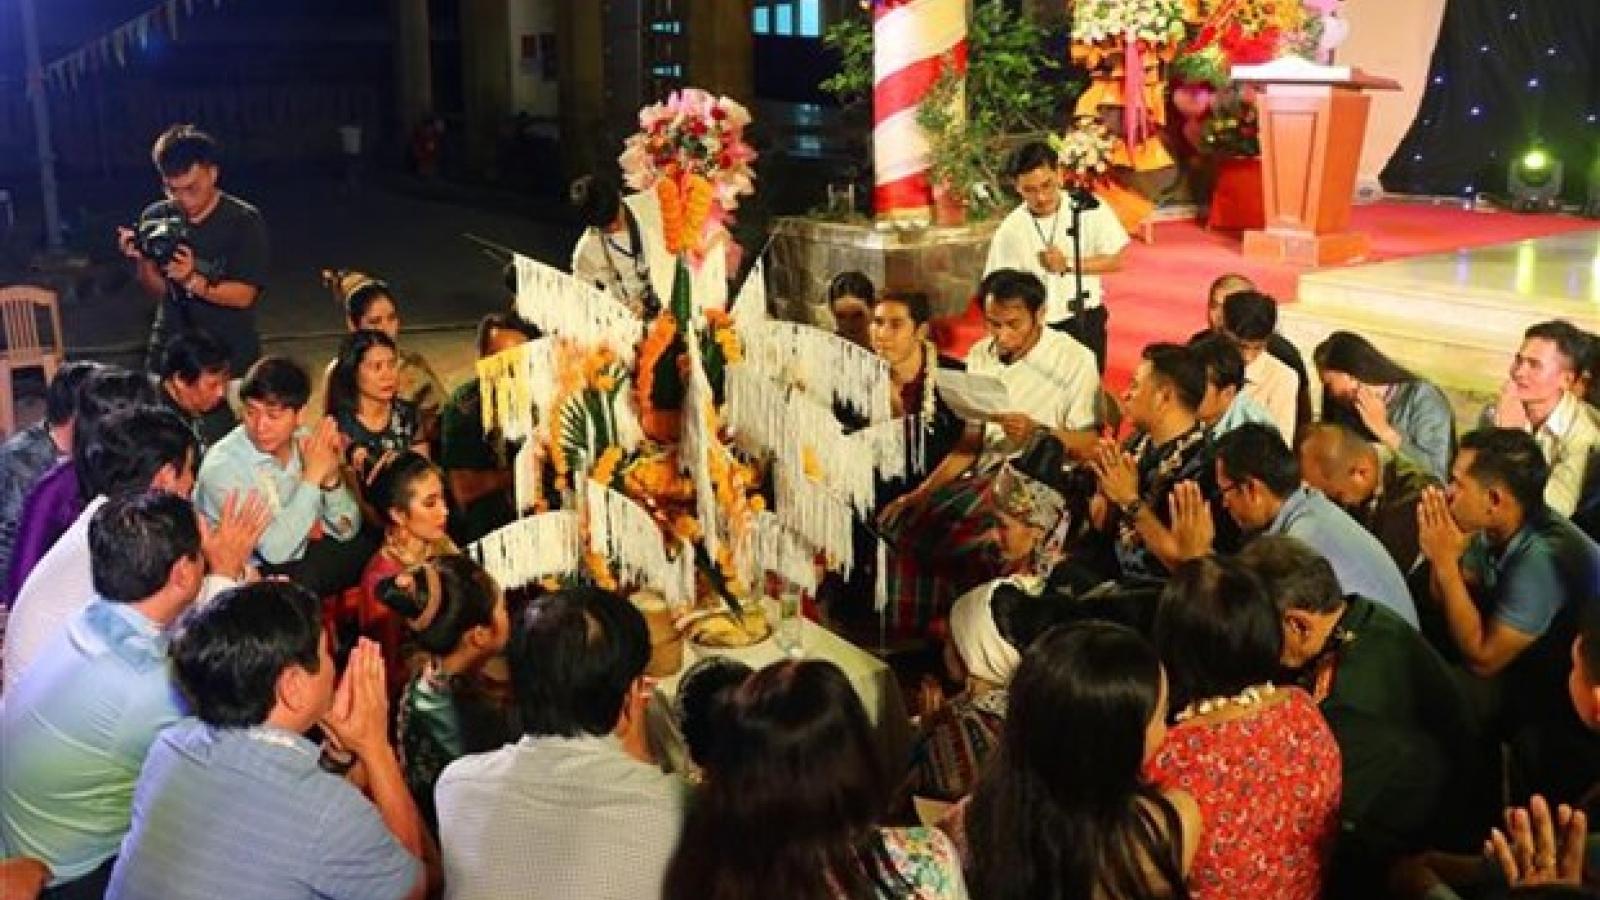 Lao students celebrate Bunpimay Festival in Vietnam